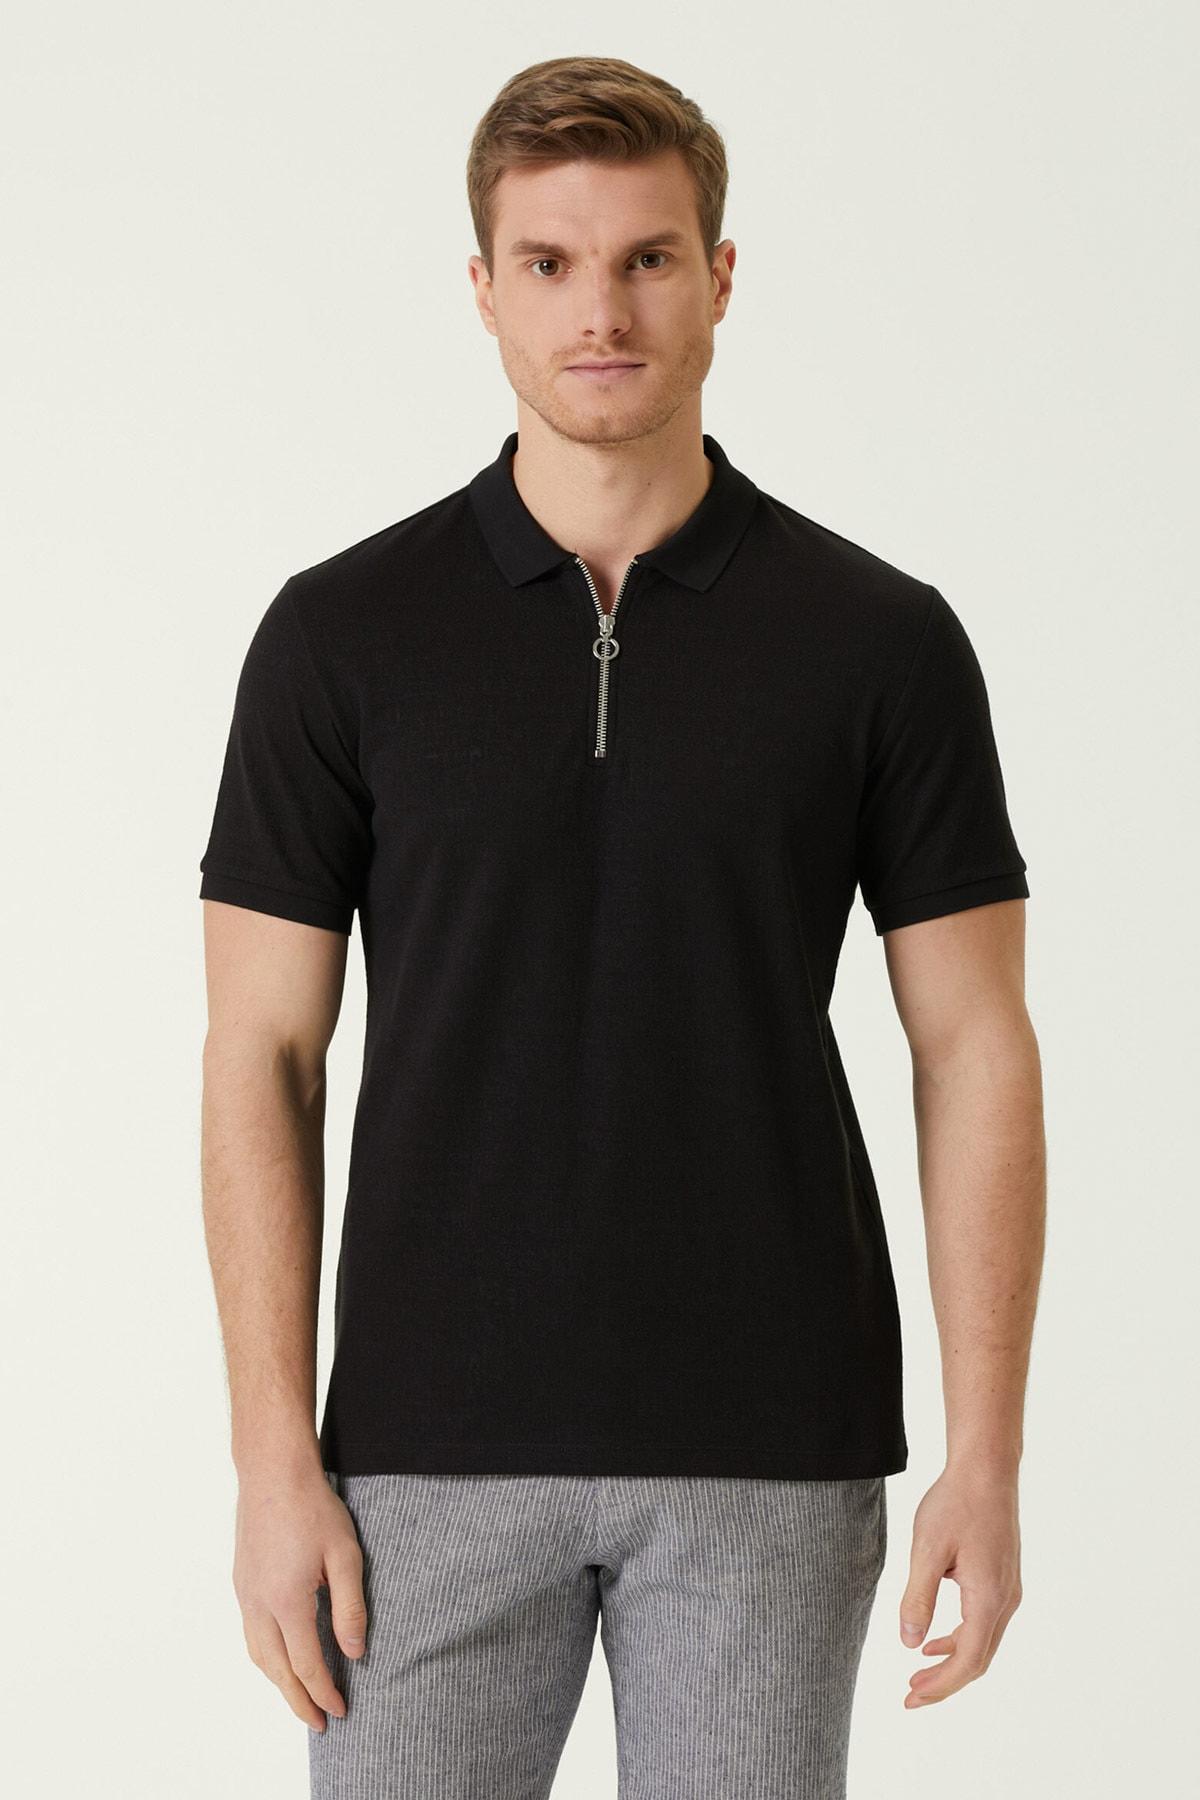 Erkek Slim Fit Siyah Polo Yaka T-shirt 1077935